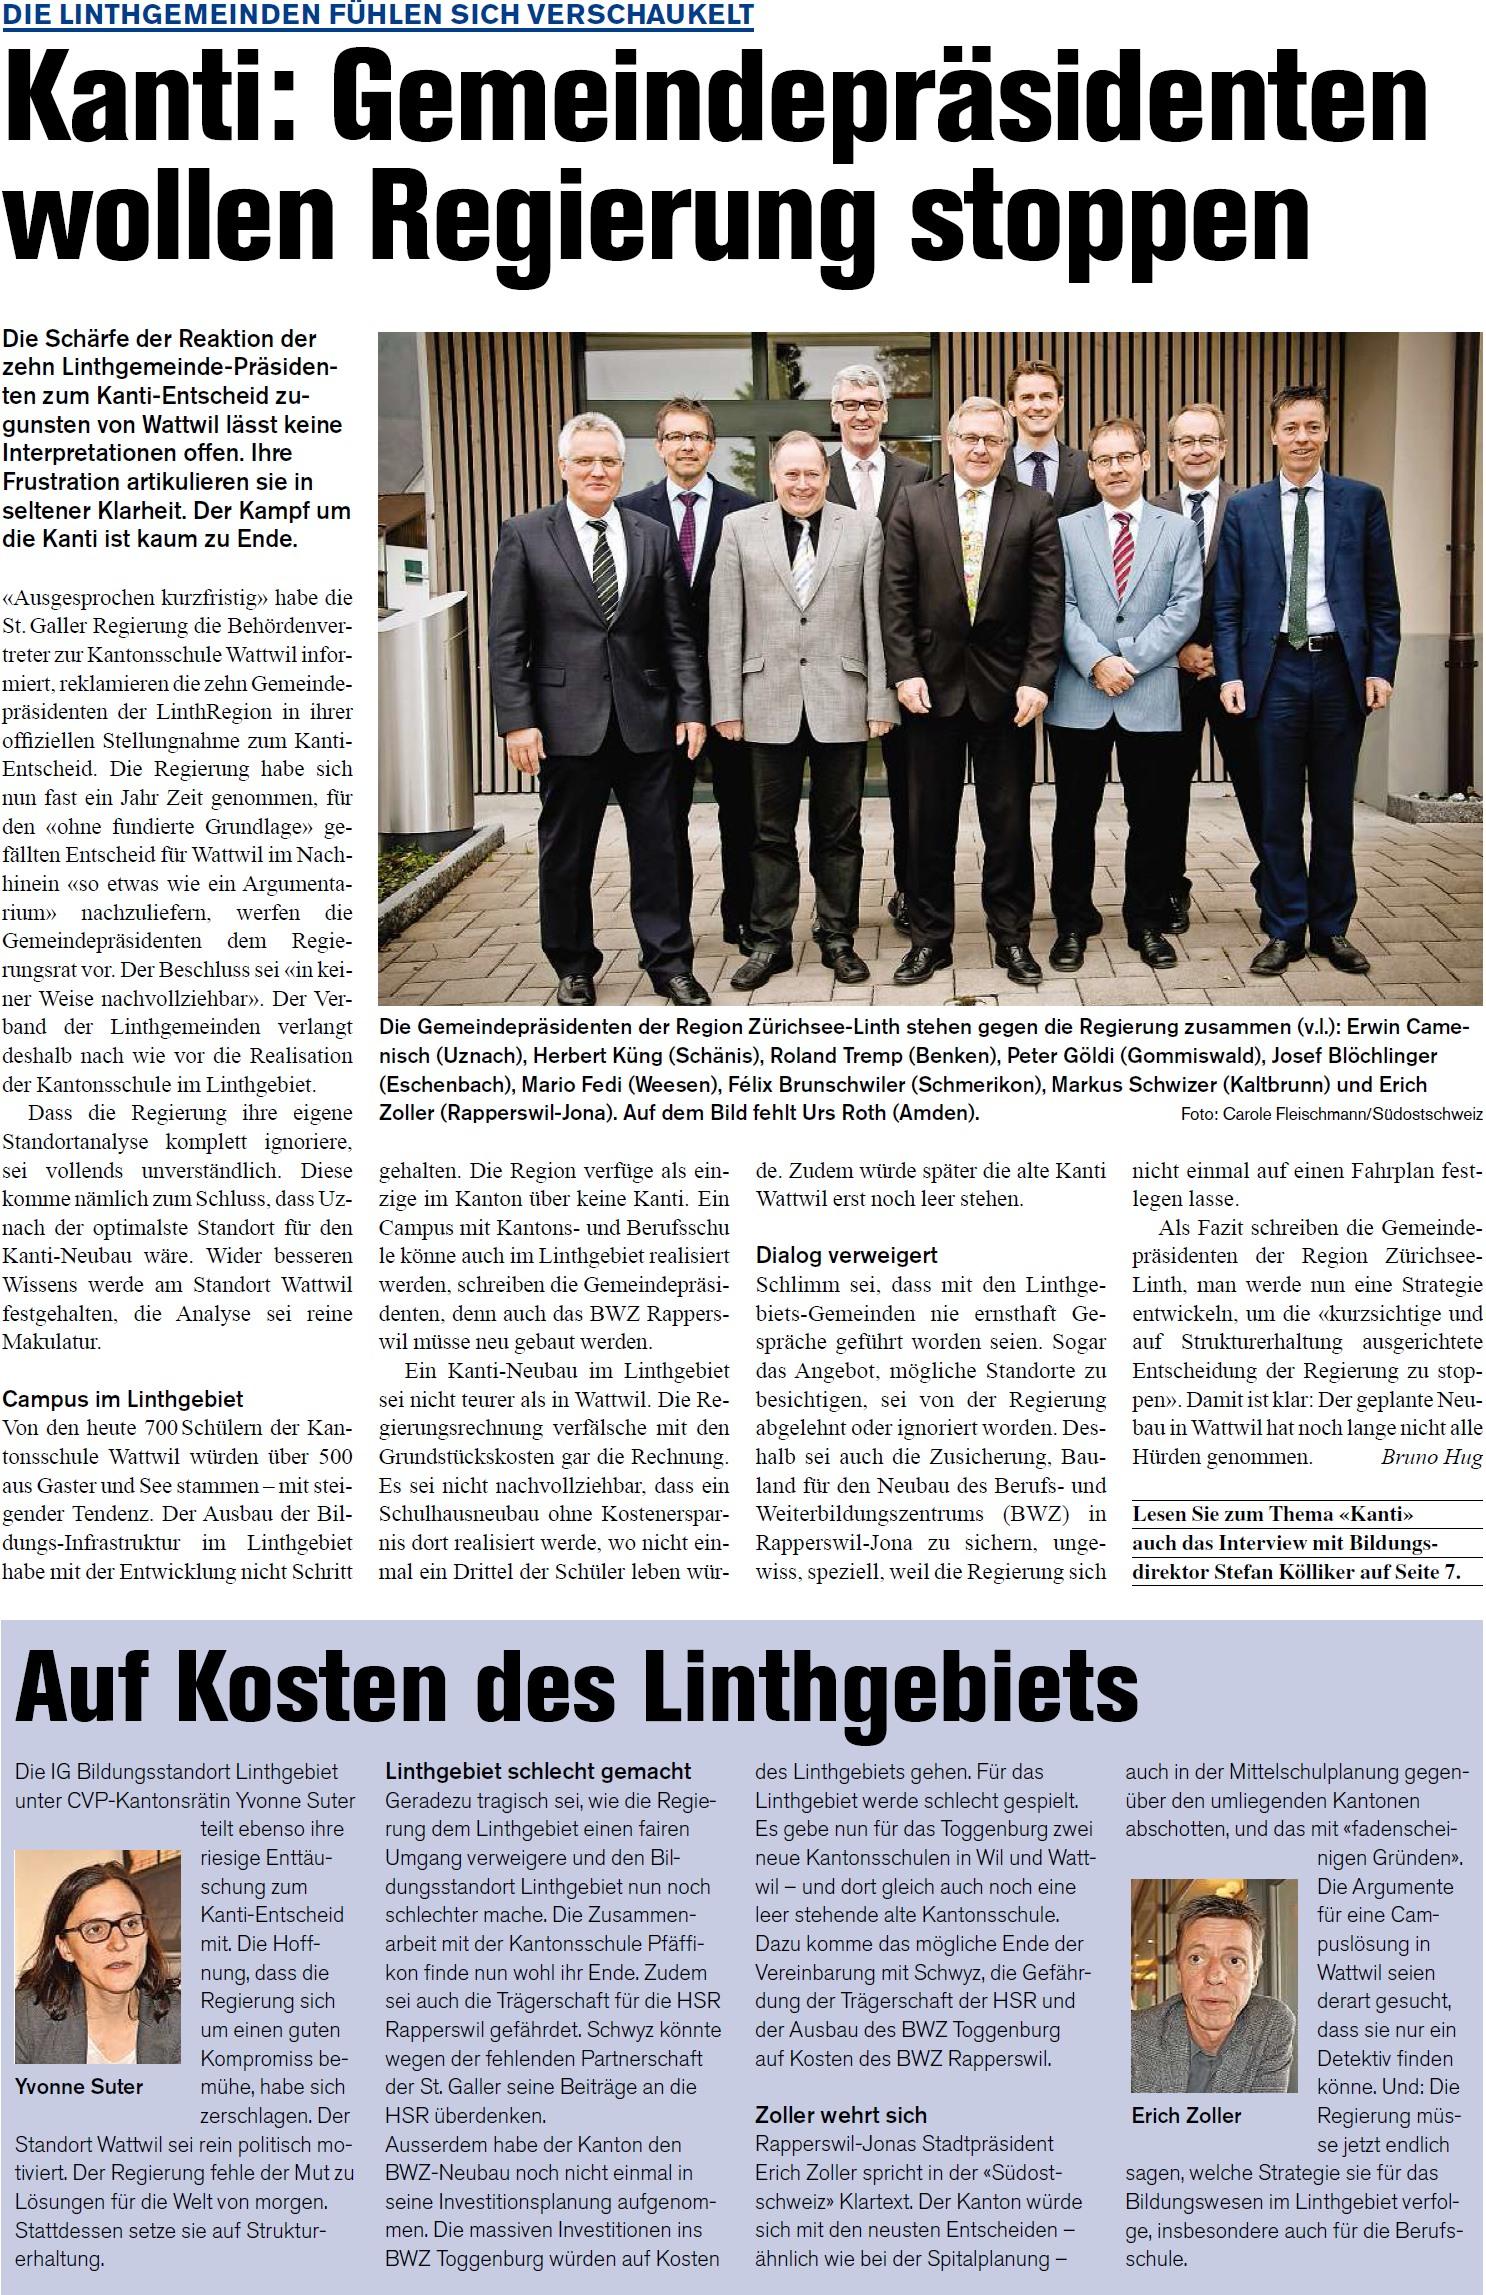 Kanti: Gemeindepräsidenten wollen Regierung stoppen (Donnerstag, 02.04.2015)